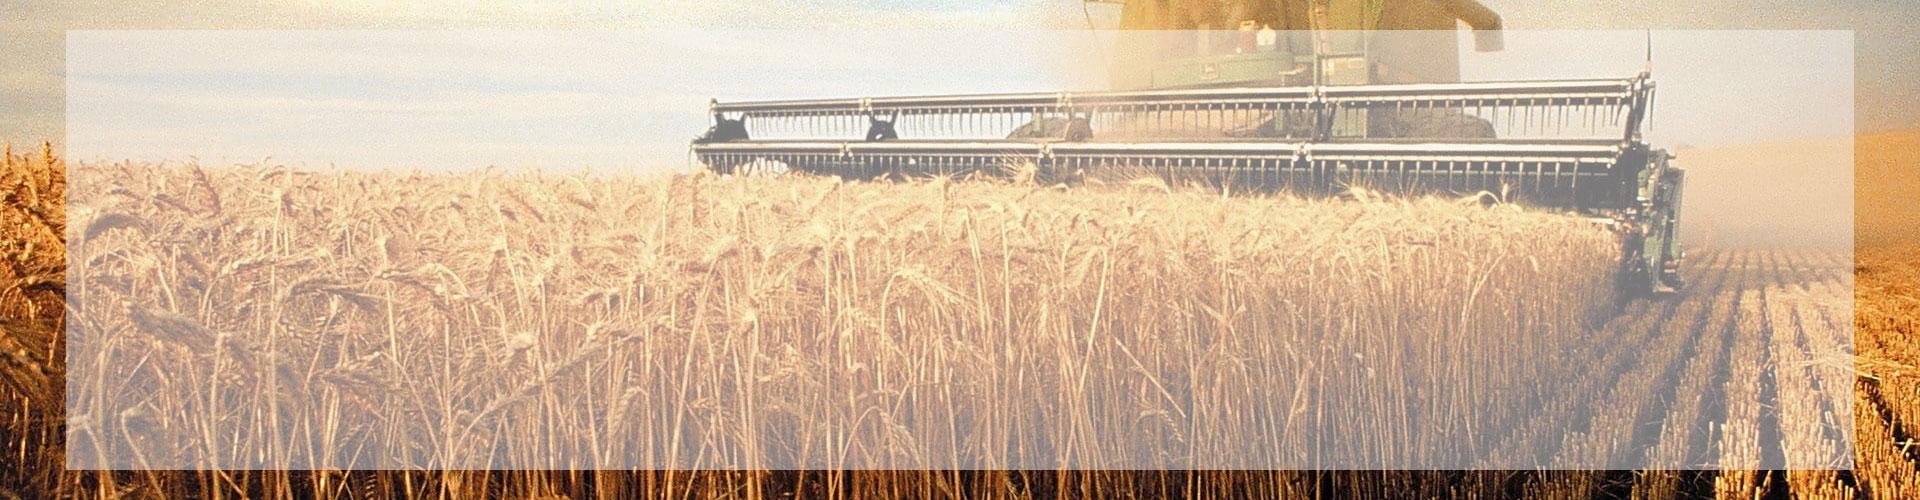 قیمت خرید محصولات کشاورزی اعلام شد